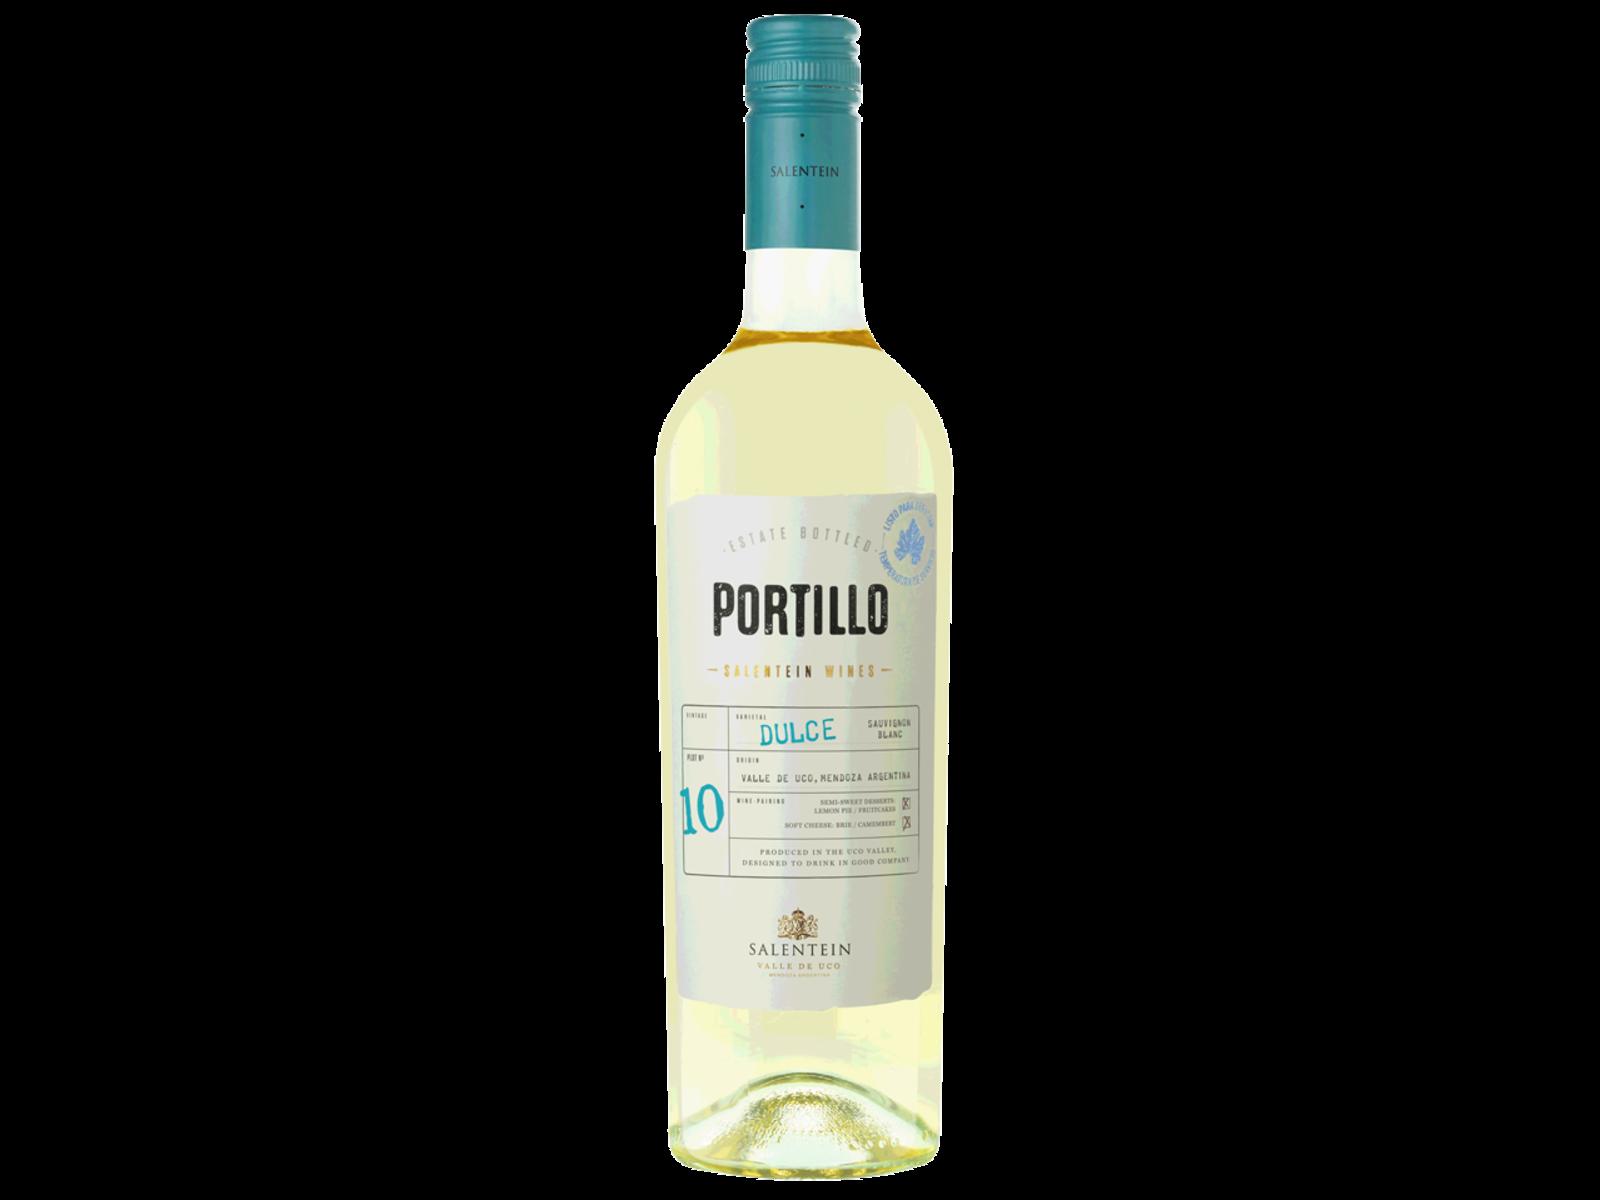 Bodegas Salentein Portillo / Dulce